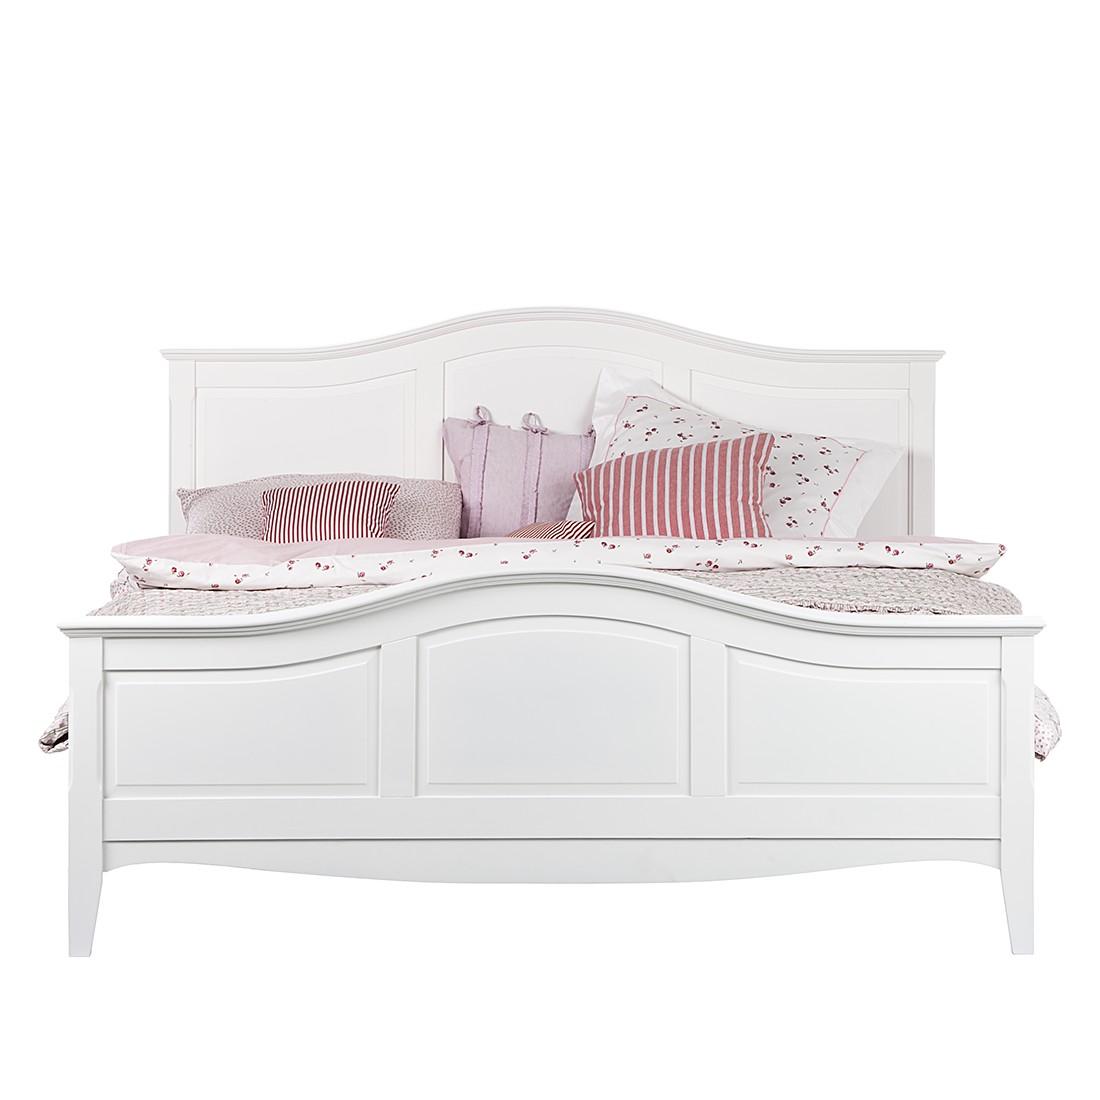 Doppelbett weiß  Bett aus der Serie Giselle in Weiß (180 x 200 cm) | Home24